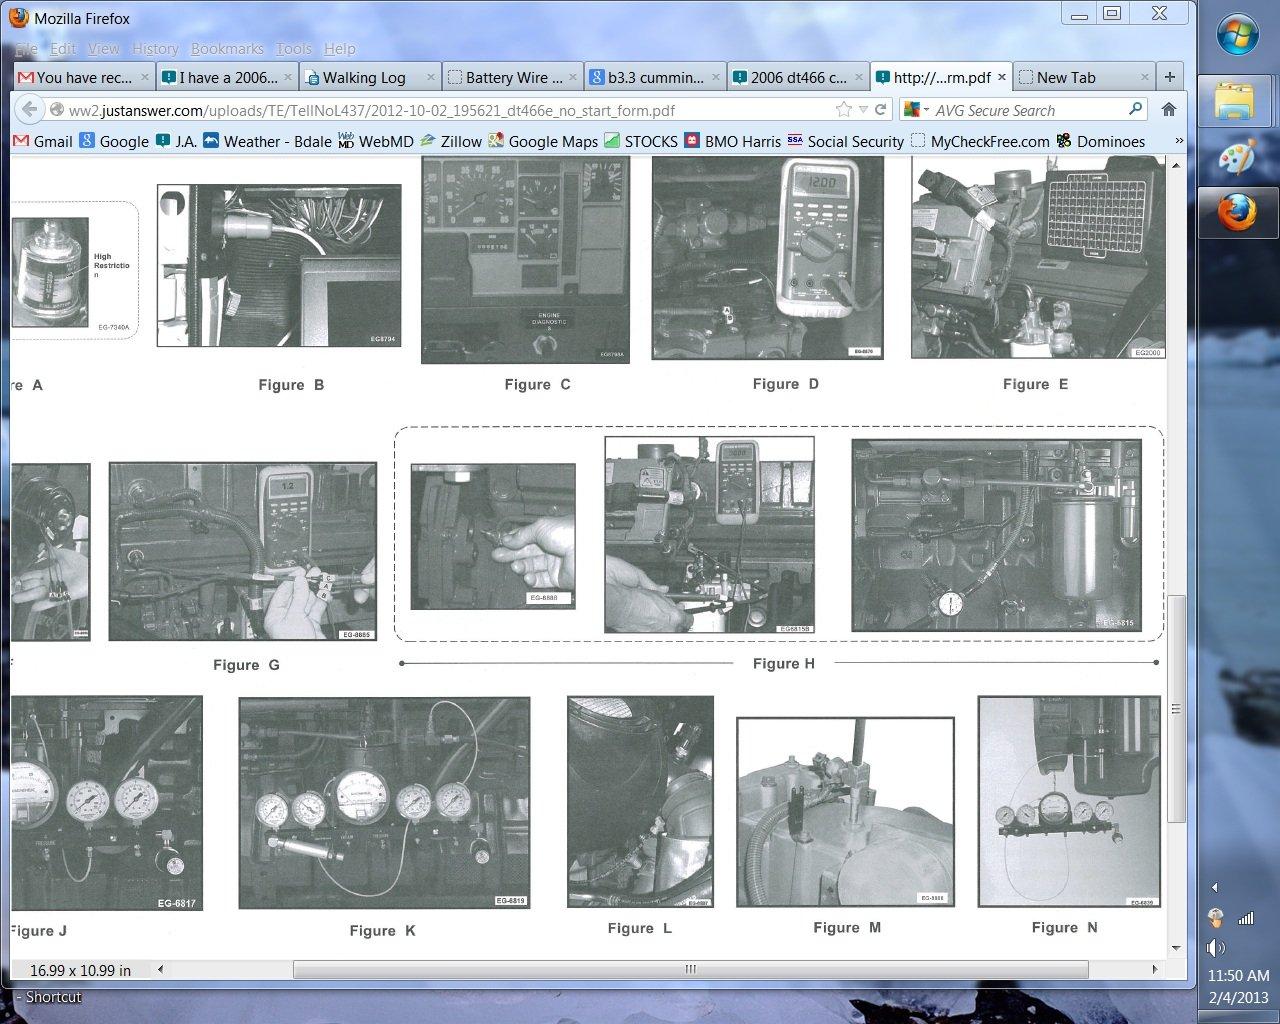 Dt Ipr Ii on 02 International 4300 Wiring Diagrams